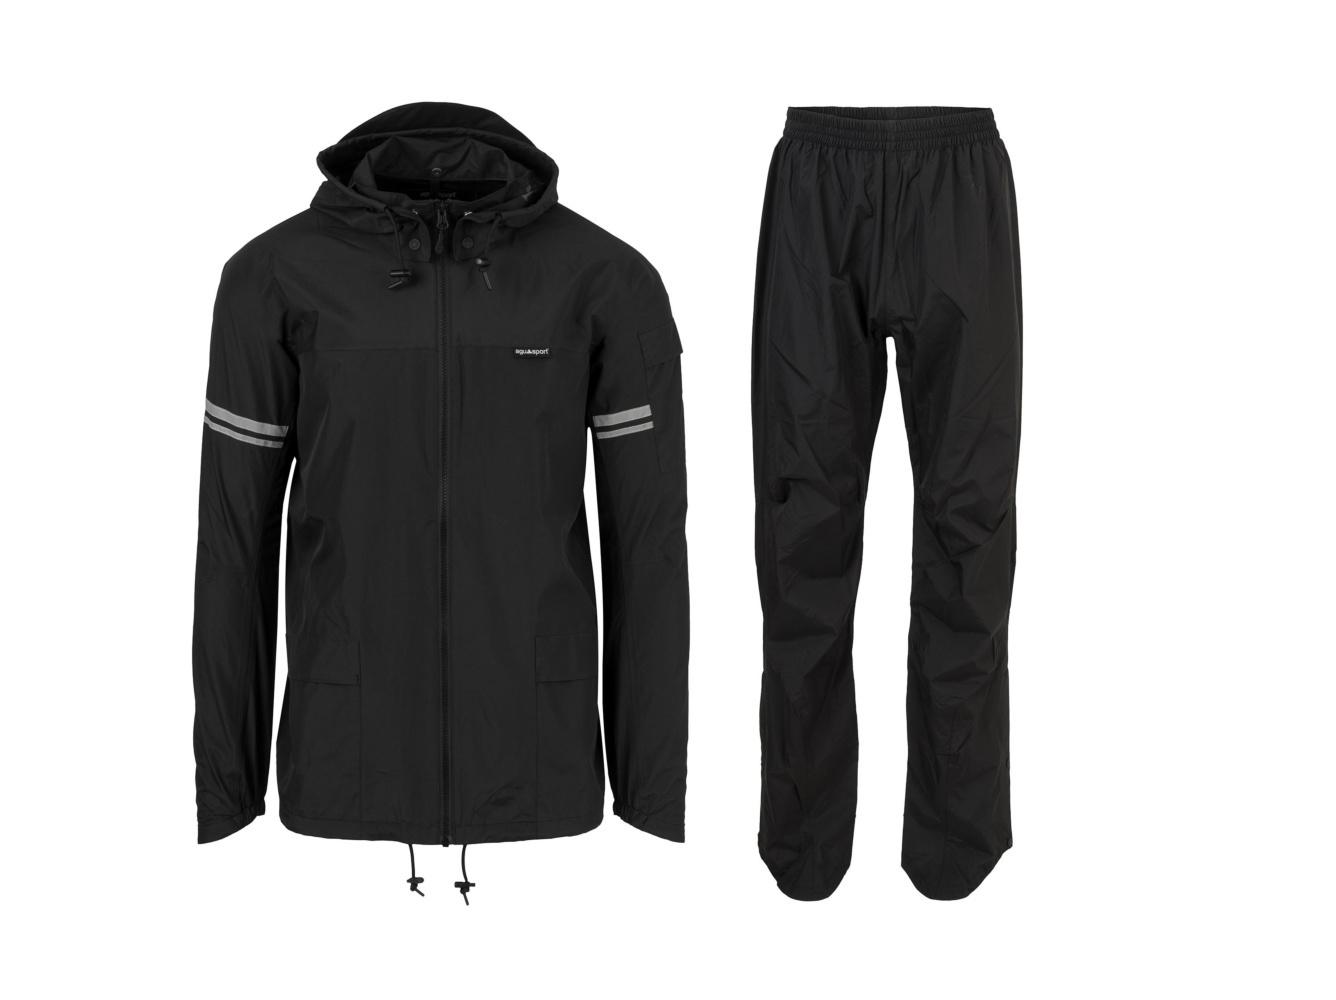 Original Rain Suit - Regenpak Zwart - Maat XL